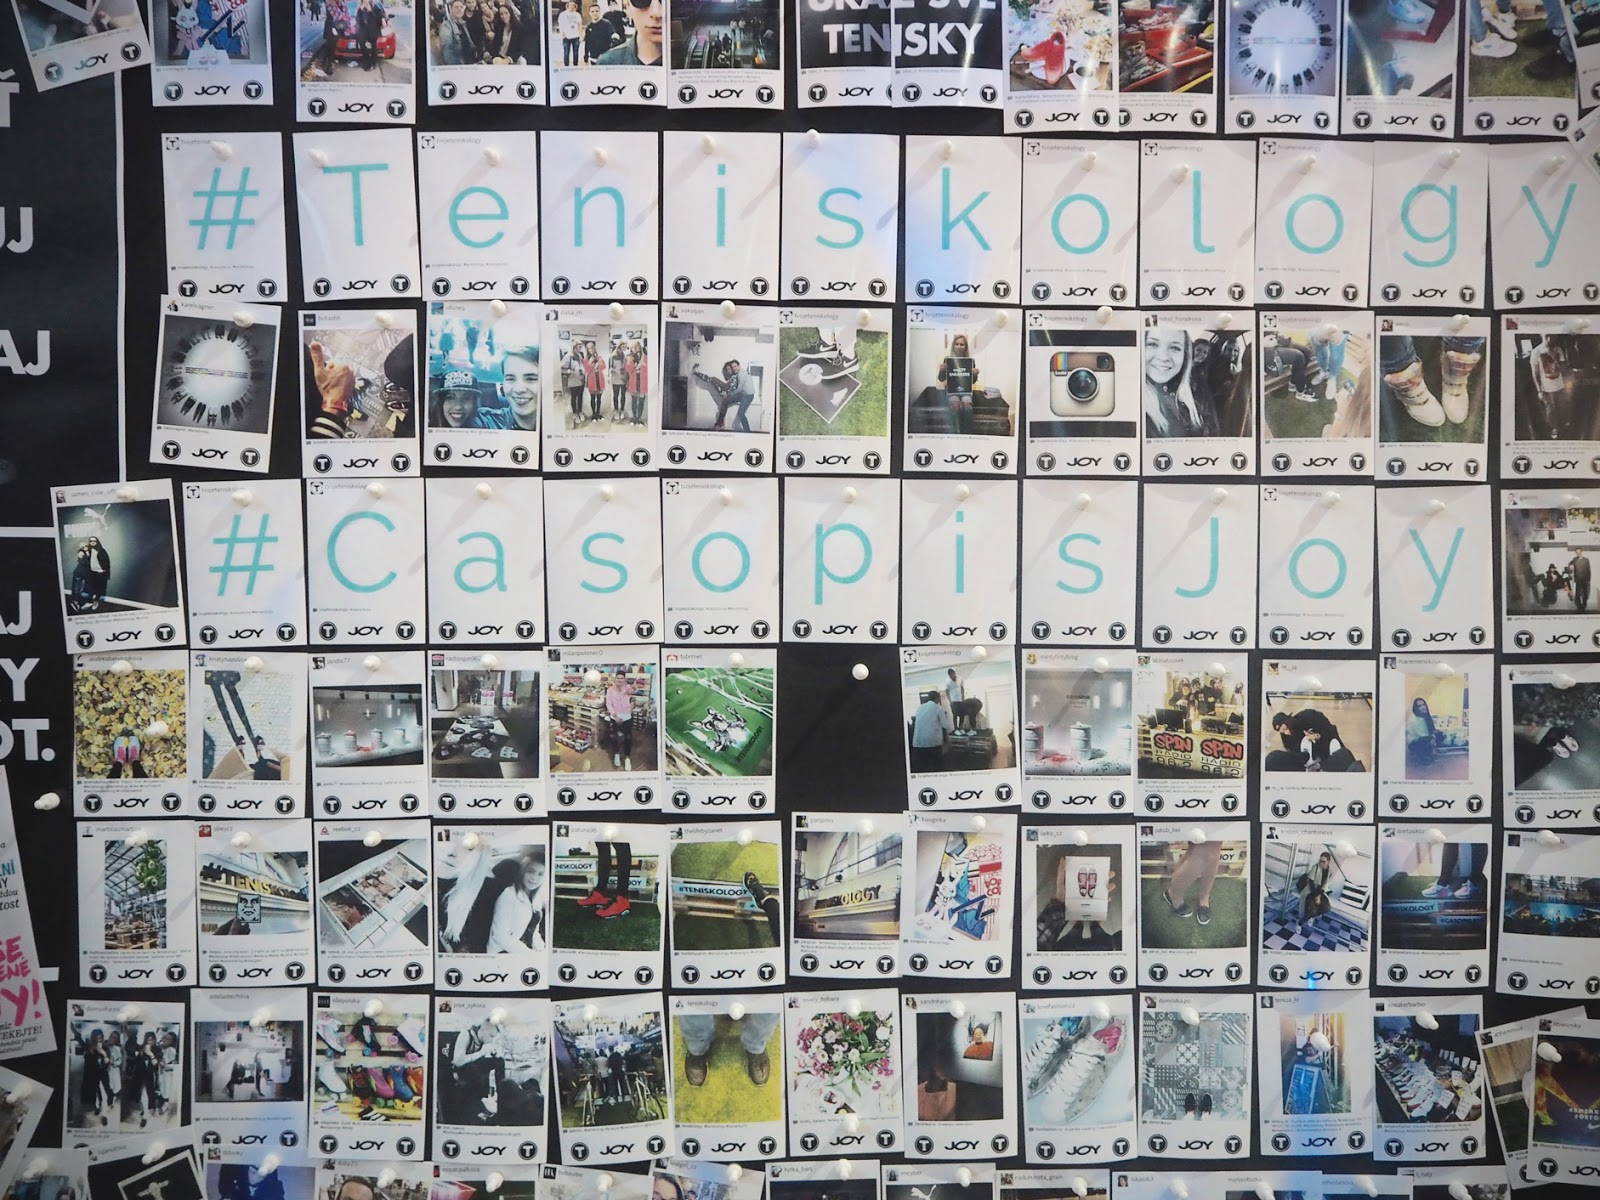 #TENISKOLOGY 36